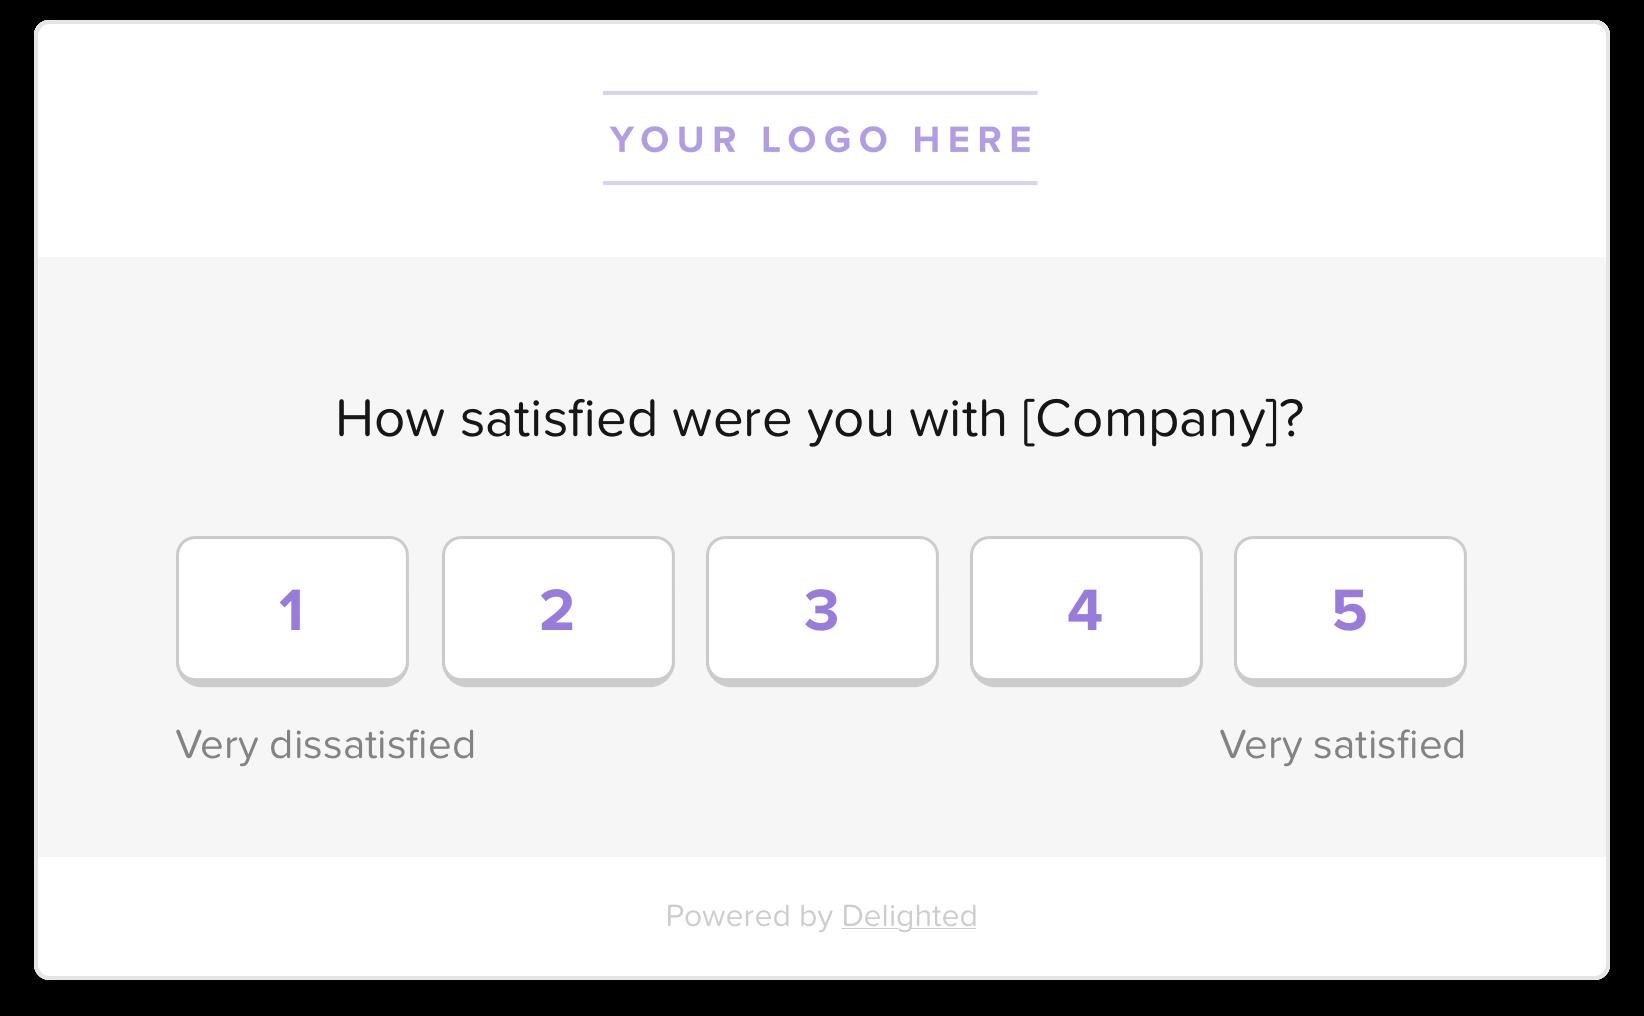 employee experience CSAT survey